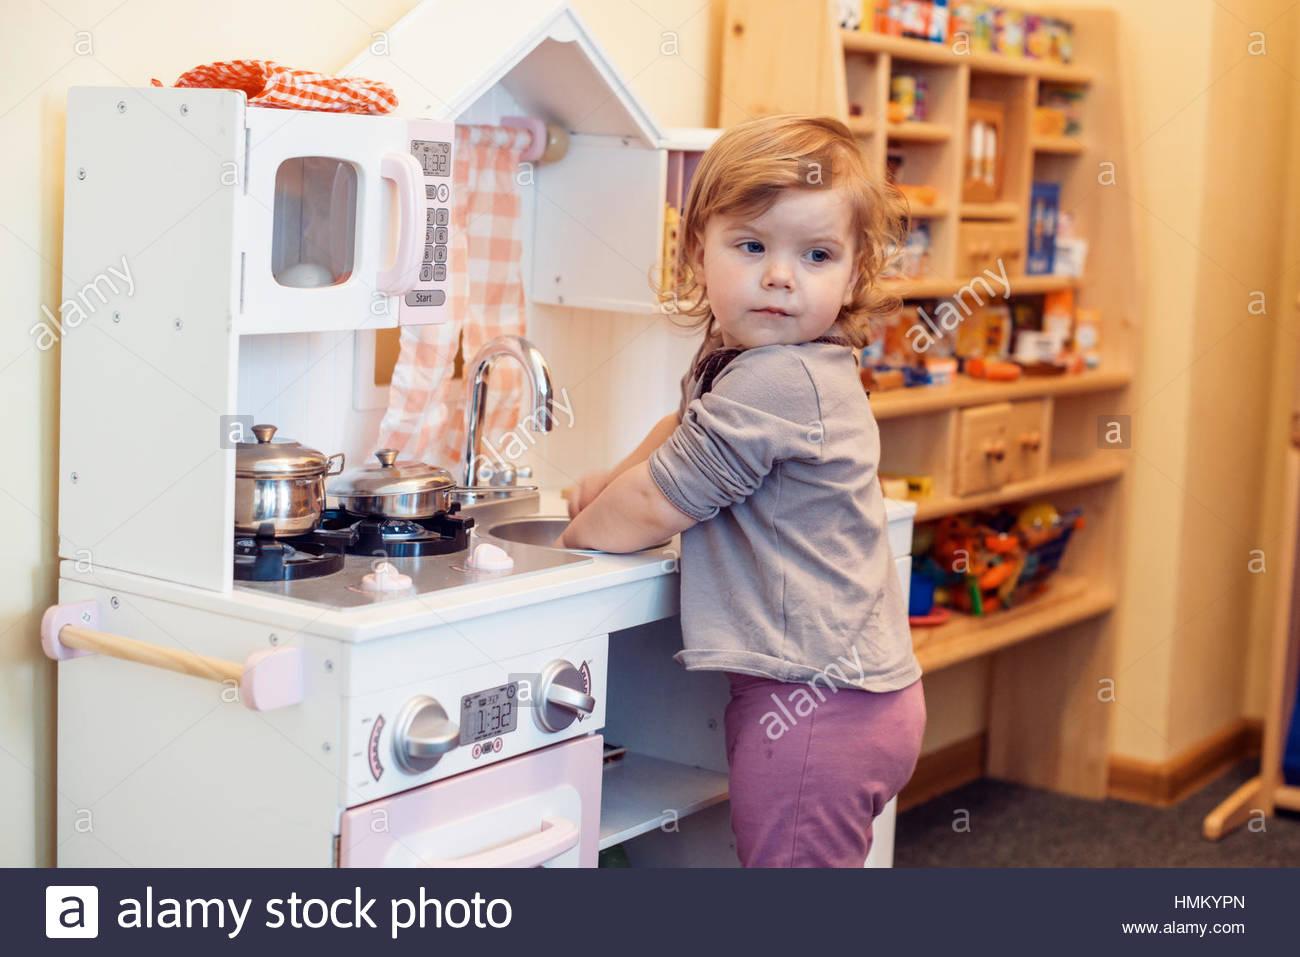 Cuisine Jouet Jeu Bébé Fille Banque D'images, Photo Stock tout Jeux Bebe Fille